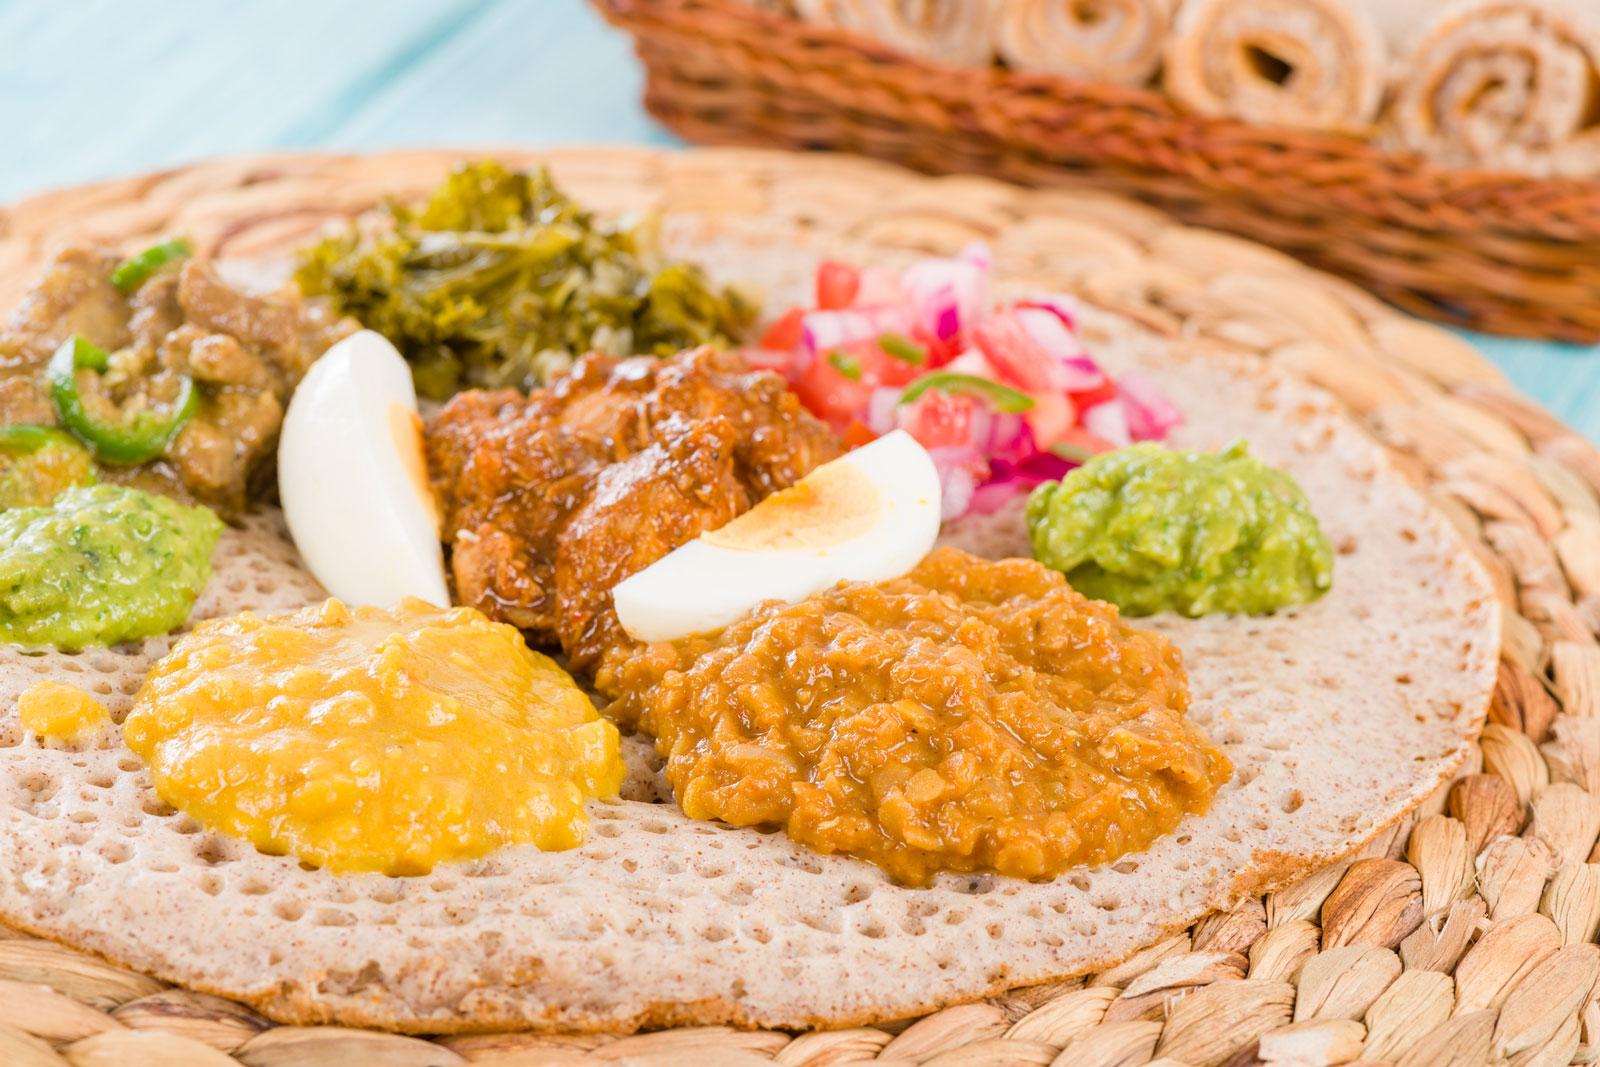 Orientalisch: Fladenbrot mit Dips, Fleisch und Gemüse